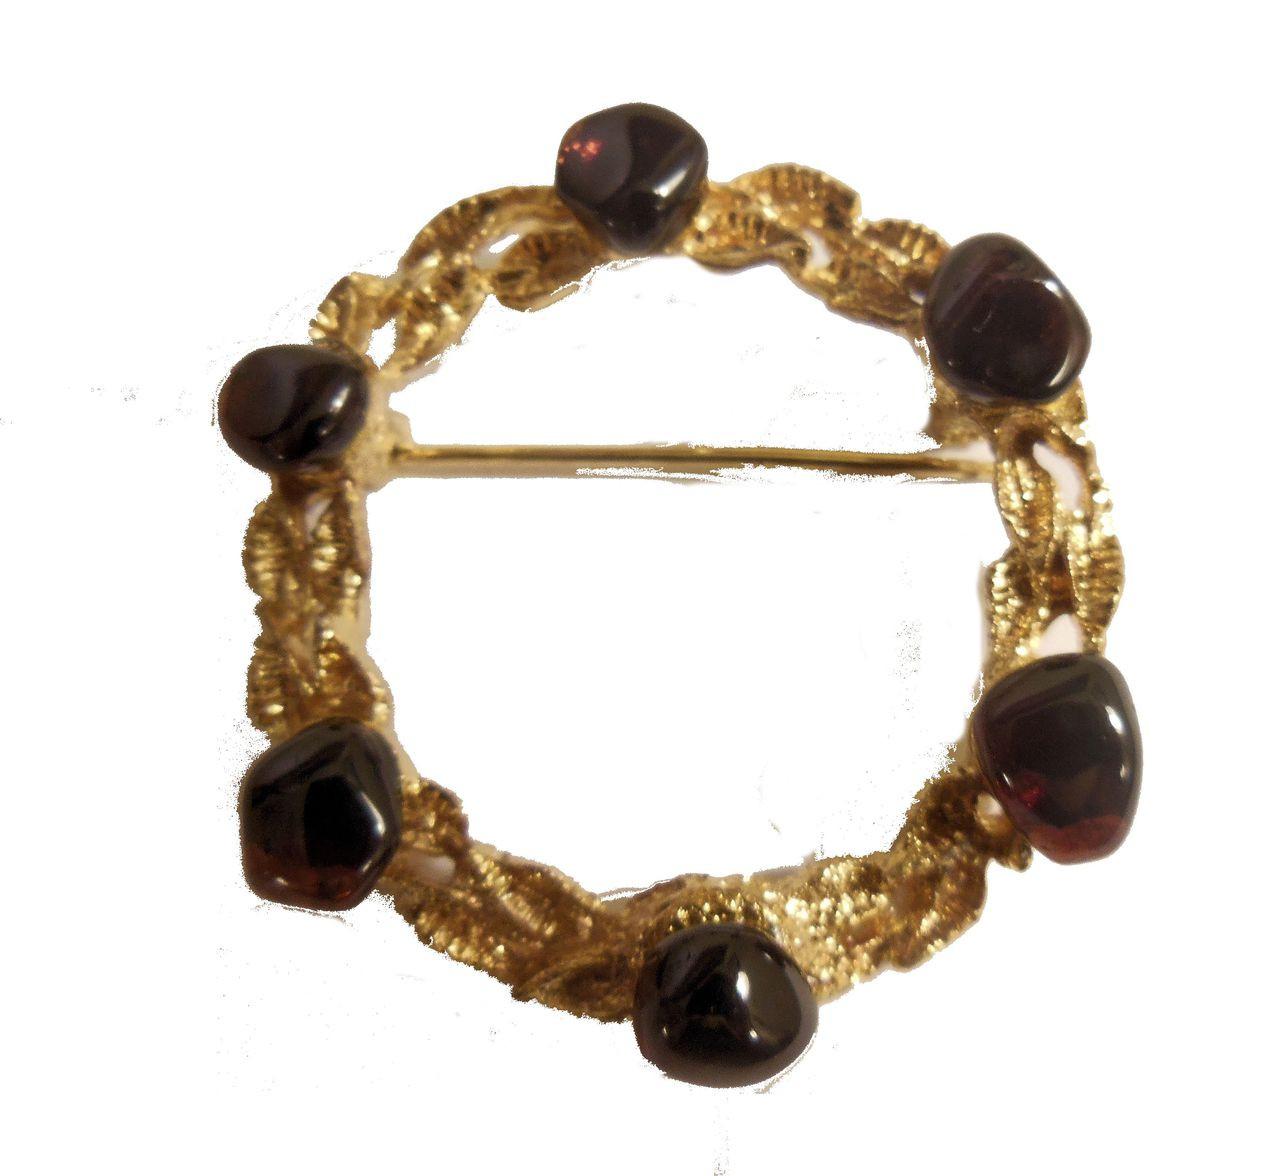 Vintage Brooch - Circle with Garnet